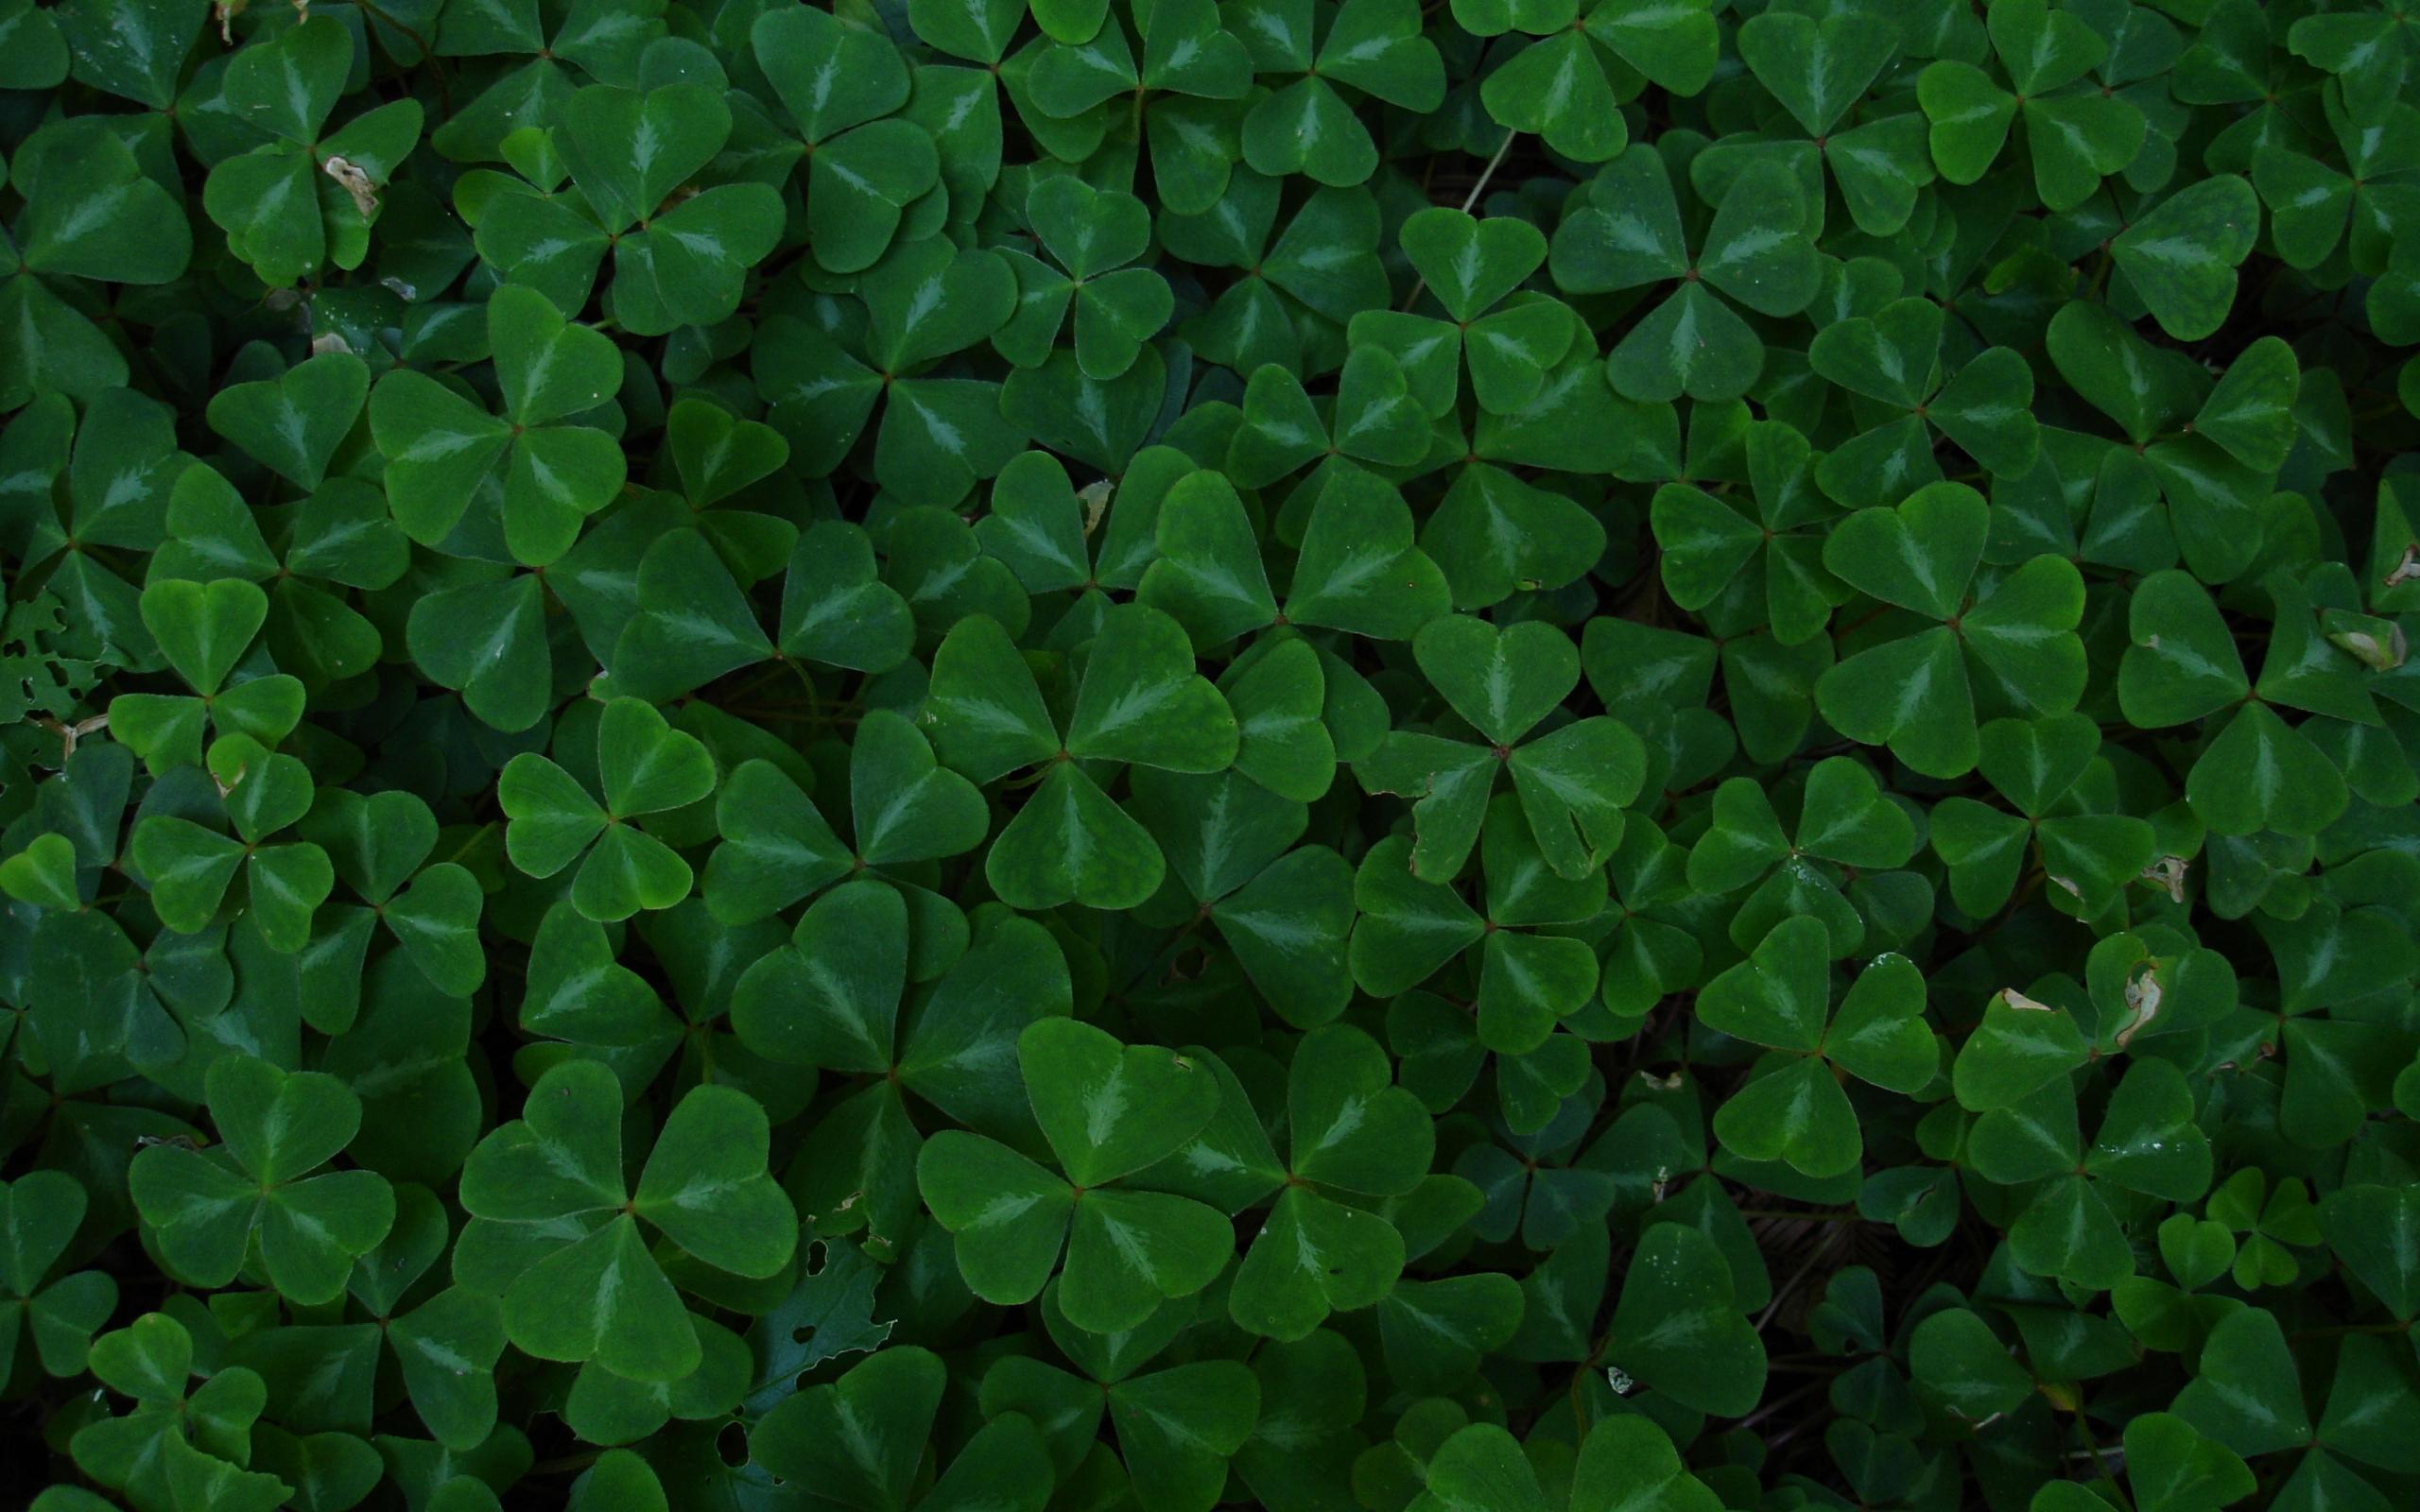 Green Leaf Clover Wallpaper 2560x1600 10549 Wallpaperup